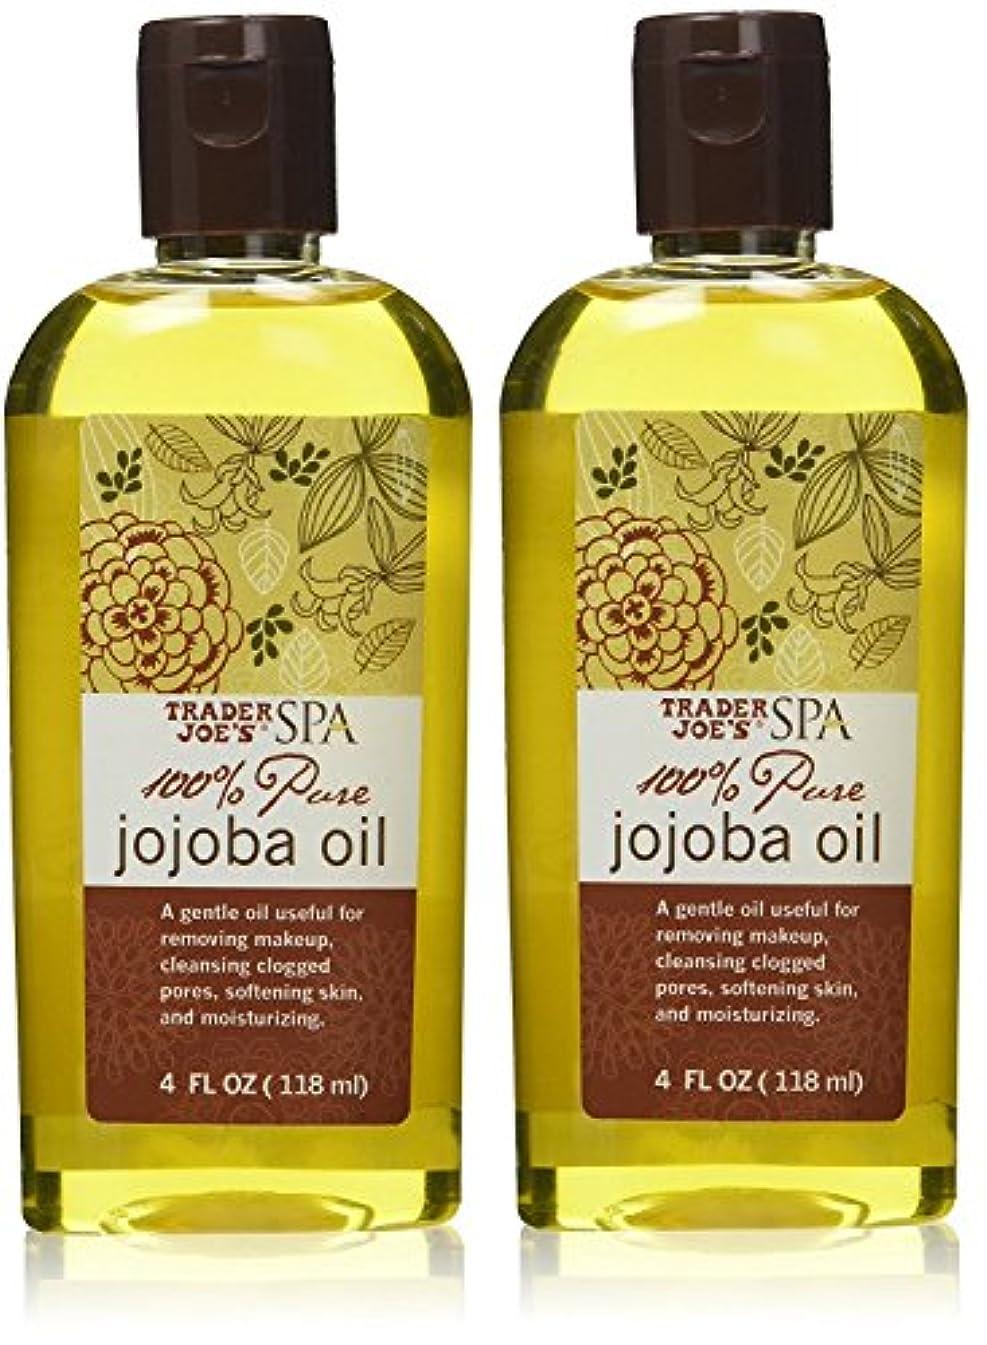 復活優勢修理工トレーダージョーズ 100%ピュア ホホバオイル【2個セット】 [並行輸入品] Trader Joe's SPA 100% Pure Jojoba Oil (4FL OZ/118ml)